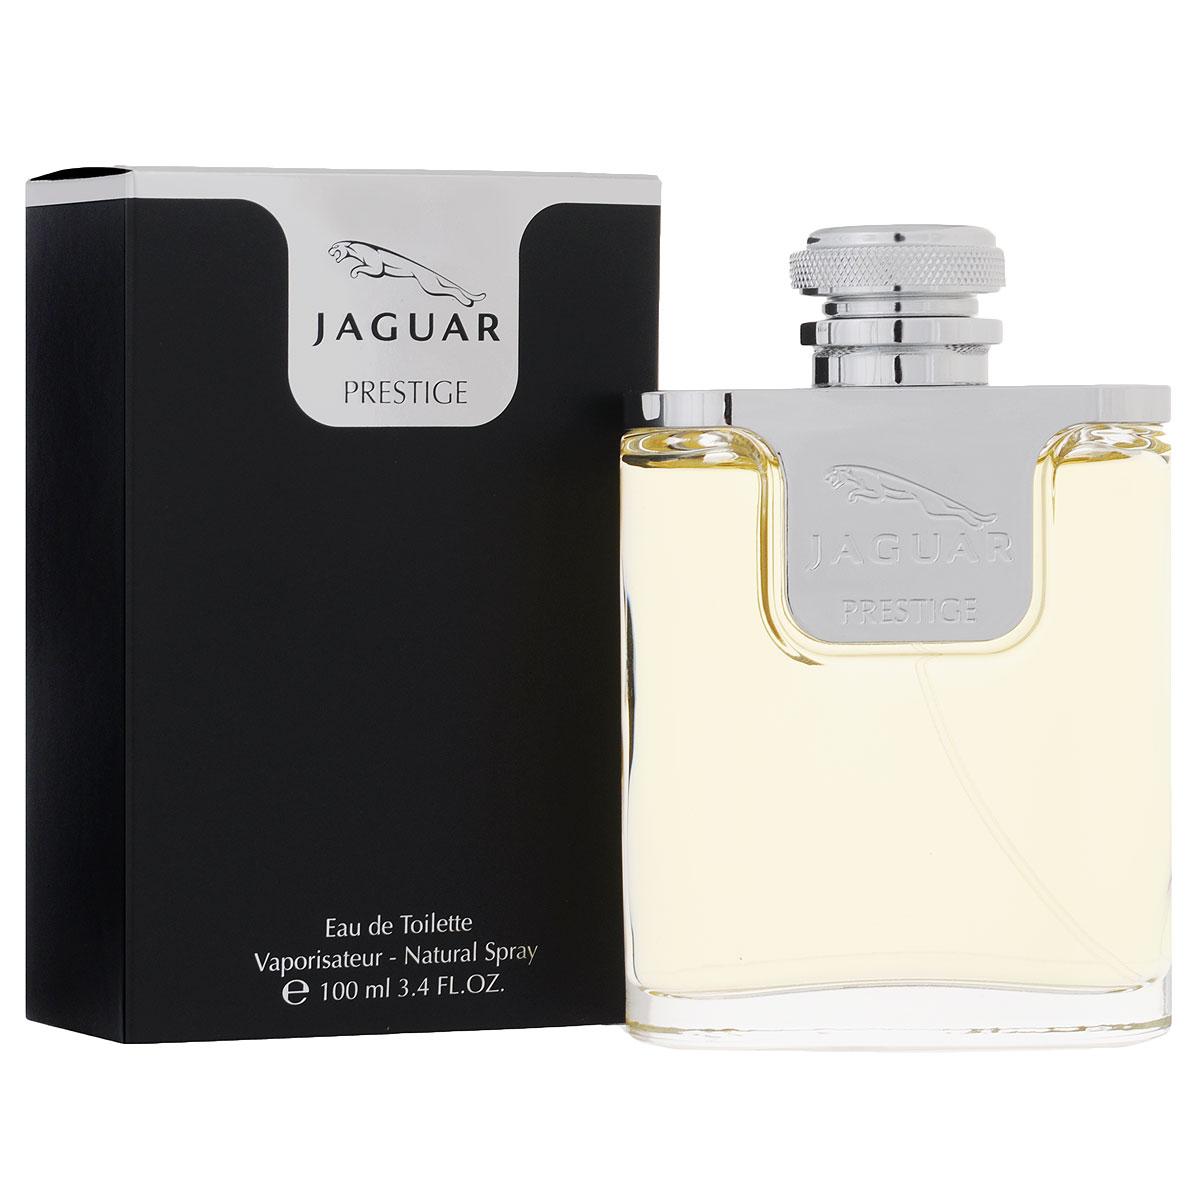 Jaguar Туалетная вода Prestige, мужская, 100 млJ480308Строгий, несравнимый и мужественный аромат Prestige от Jaguar облачен в гладкий и элегантный флакон. Флакон выполнен из качественного тяжелого стекла, а крышечка, завершающая образ, безошибочно напоминает ее обладателя о происхождении бренда и его легендарной истории.Сам аромат такой же динамичный и стремительный как и модель на колесах.Классификация аромата: древесный, пряный.Пирамида аромата:Верхние ноты: сицилийский лимон, итальянский мандарин, бергамот, груша.Ноты сердца: черный и красный перец, кардамон, мускатный орех, кориандр, аромат березовых листьев, лаванда, натуральный каучук.Ноты шлейфа: ладан, сандал, кедр, ветивер, смола, мускус, пачули. Ключевые словаМужественый, стильный, элегантный!Туалетная вода - один из самых популярных видов парфюмерной продукции. Туалетная вода содержит 4-10%парфюмерного экстракта. Главные достоинства данного типа продукции заключаются в доступной цене, разнообразии форматов (как правило, 30, 50, 75, 100 мл), удобстве использования (чаще всего - спрей). Идеальна для дневного использования. Товар сертифицирован.